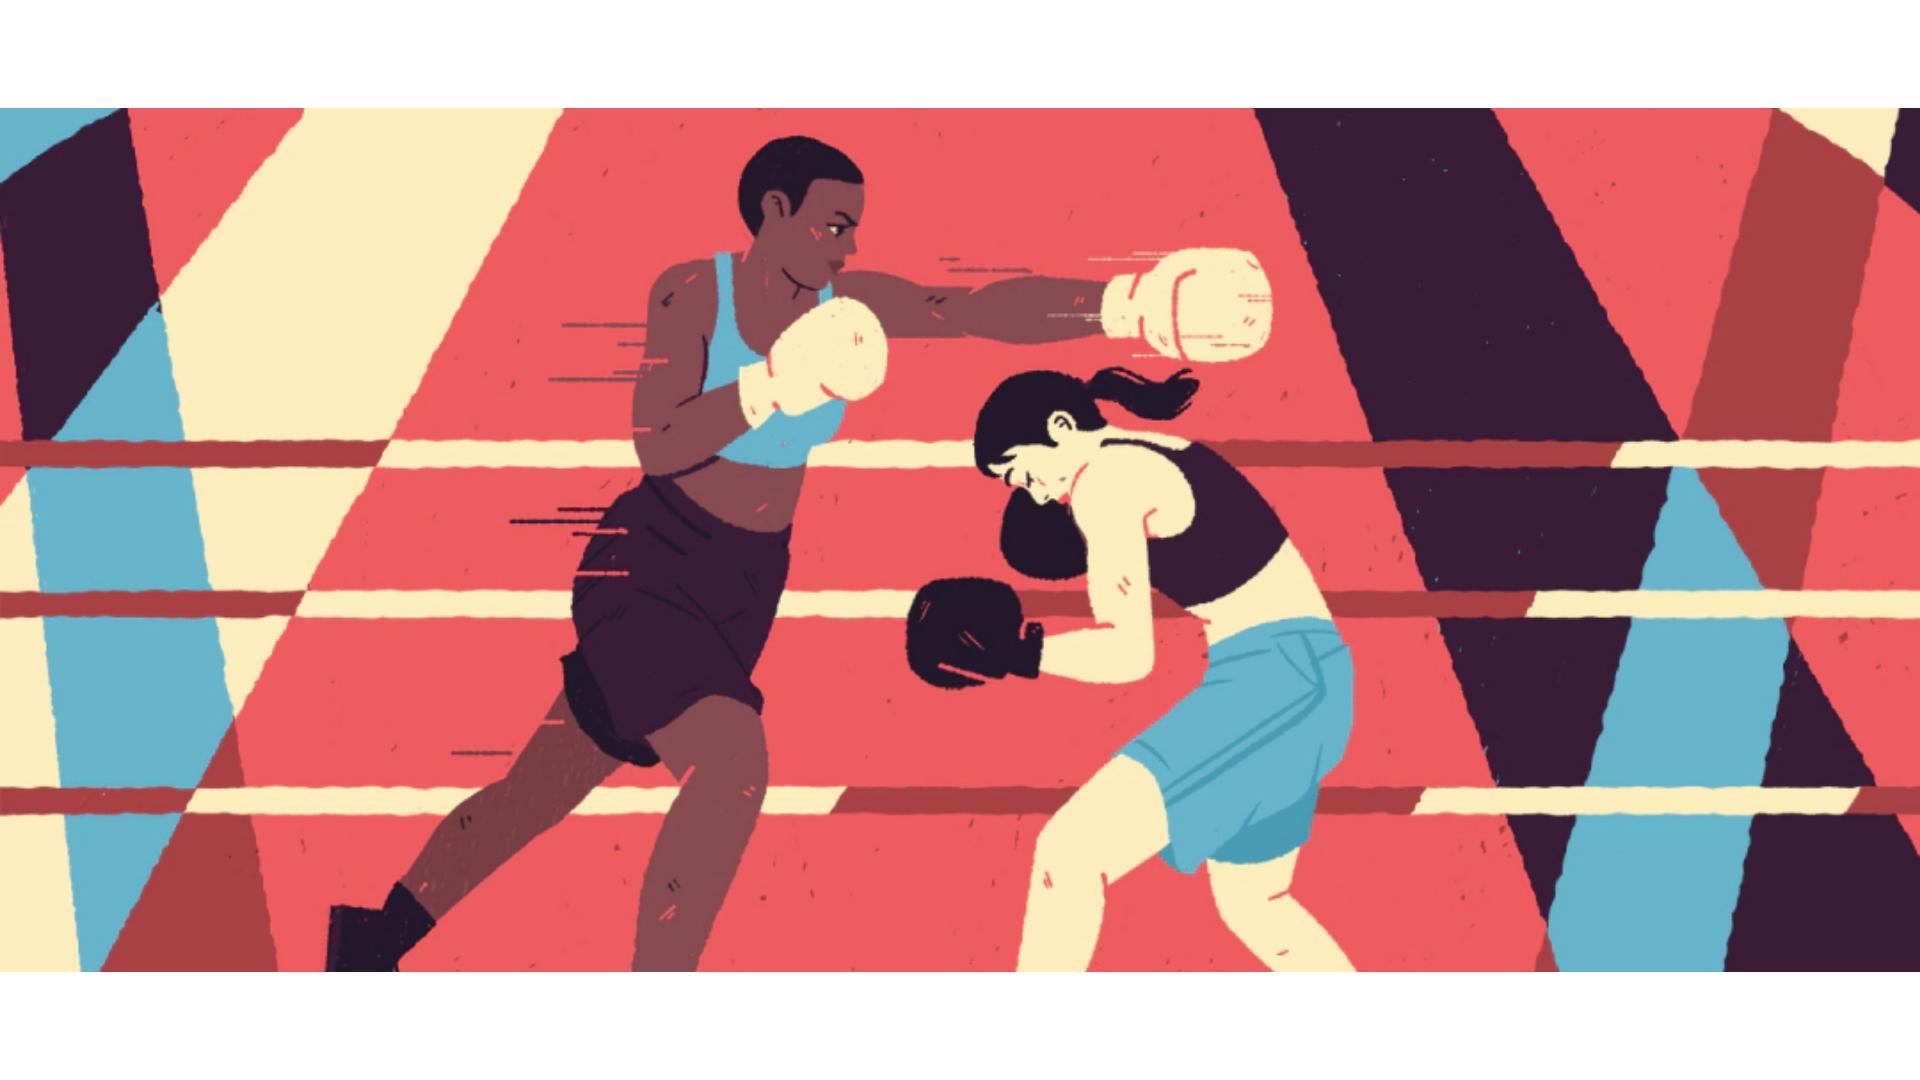 Dövüşen iki boksöre ait çizim görseli.